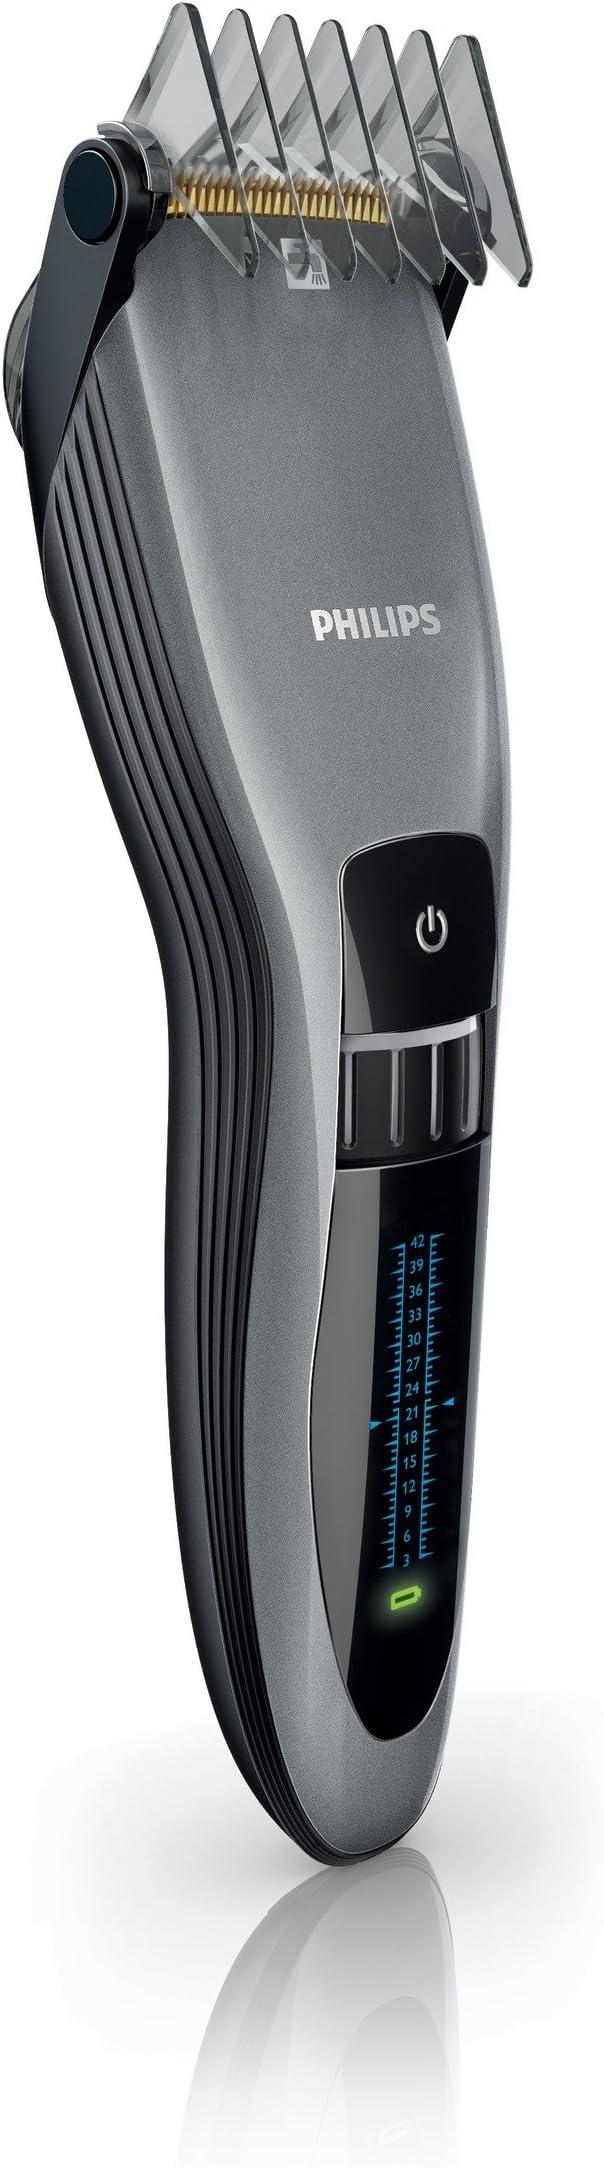 Philips QC5390/80 - Cortapelos, 41 milímetros, con indicador de ...